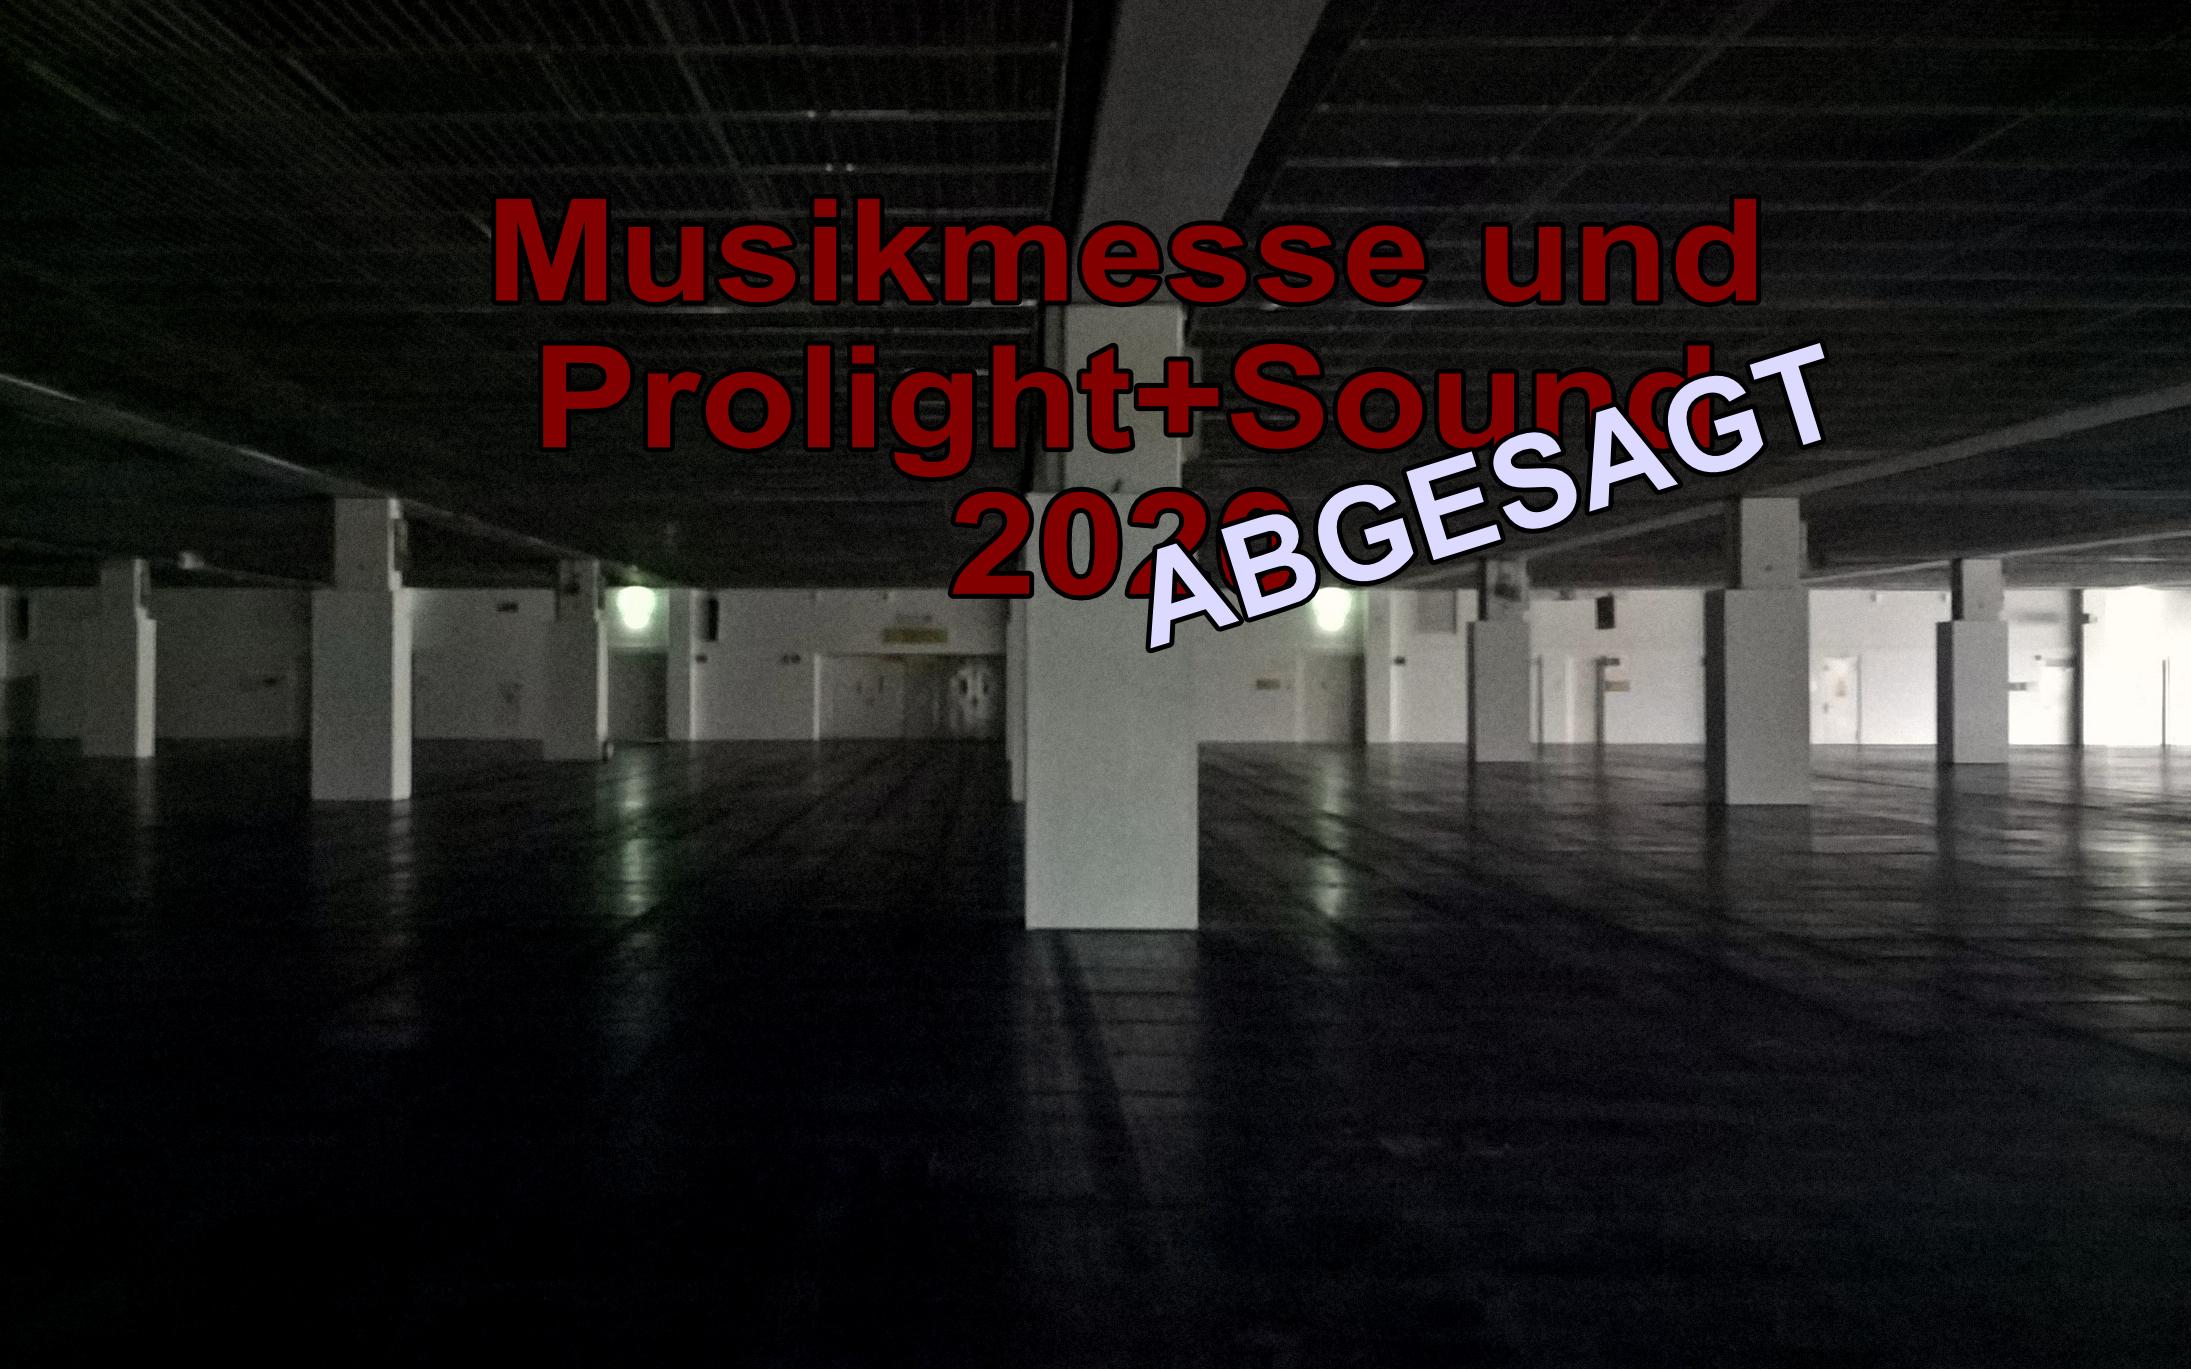 Musikmesse und Prolight+Sound 2020 abgesagt